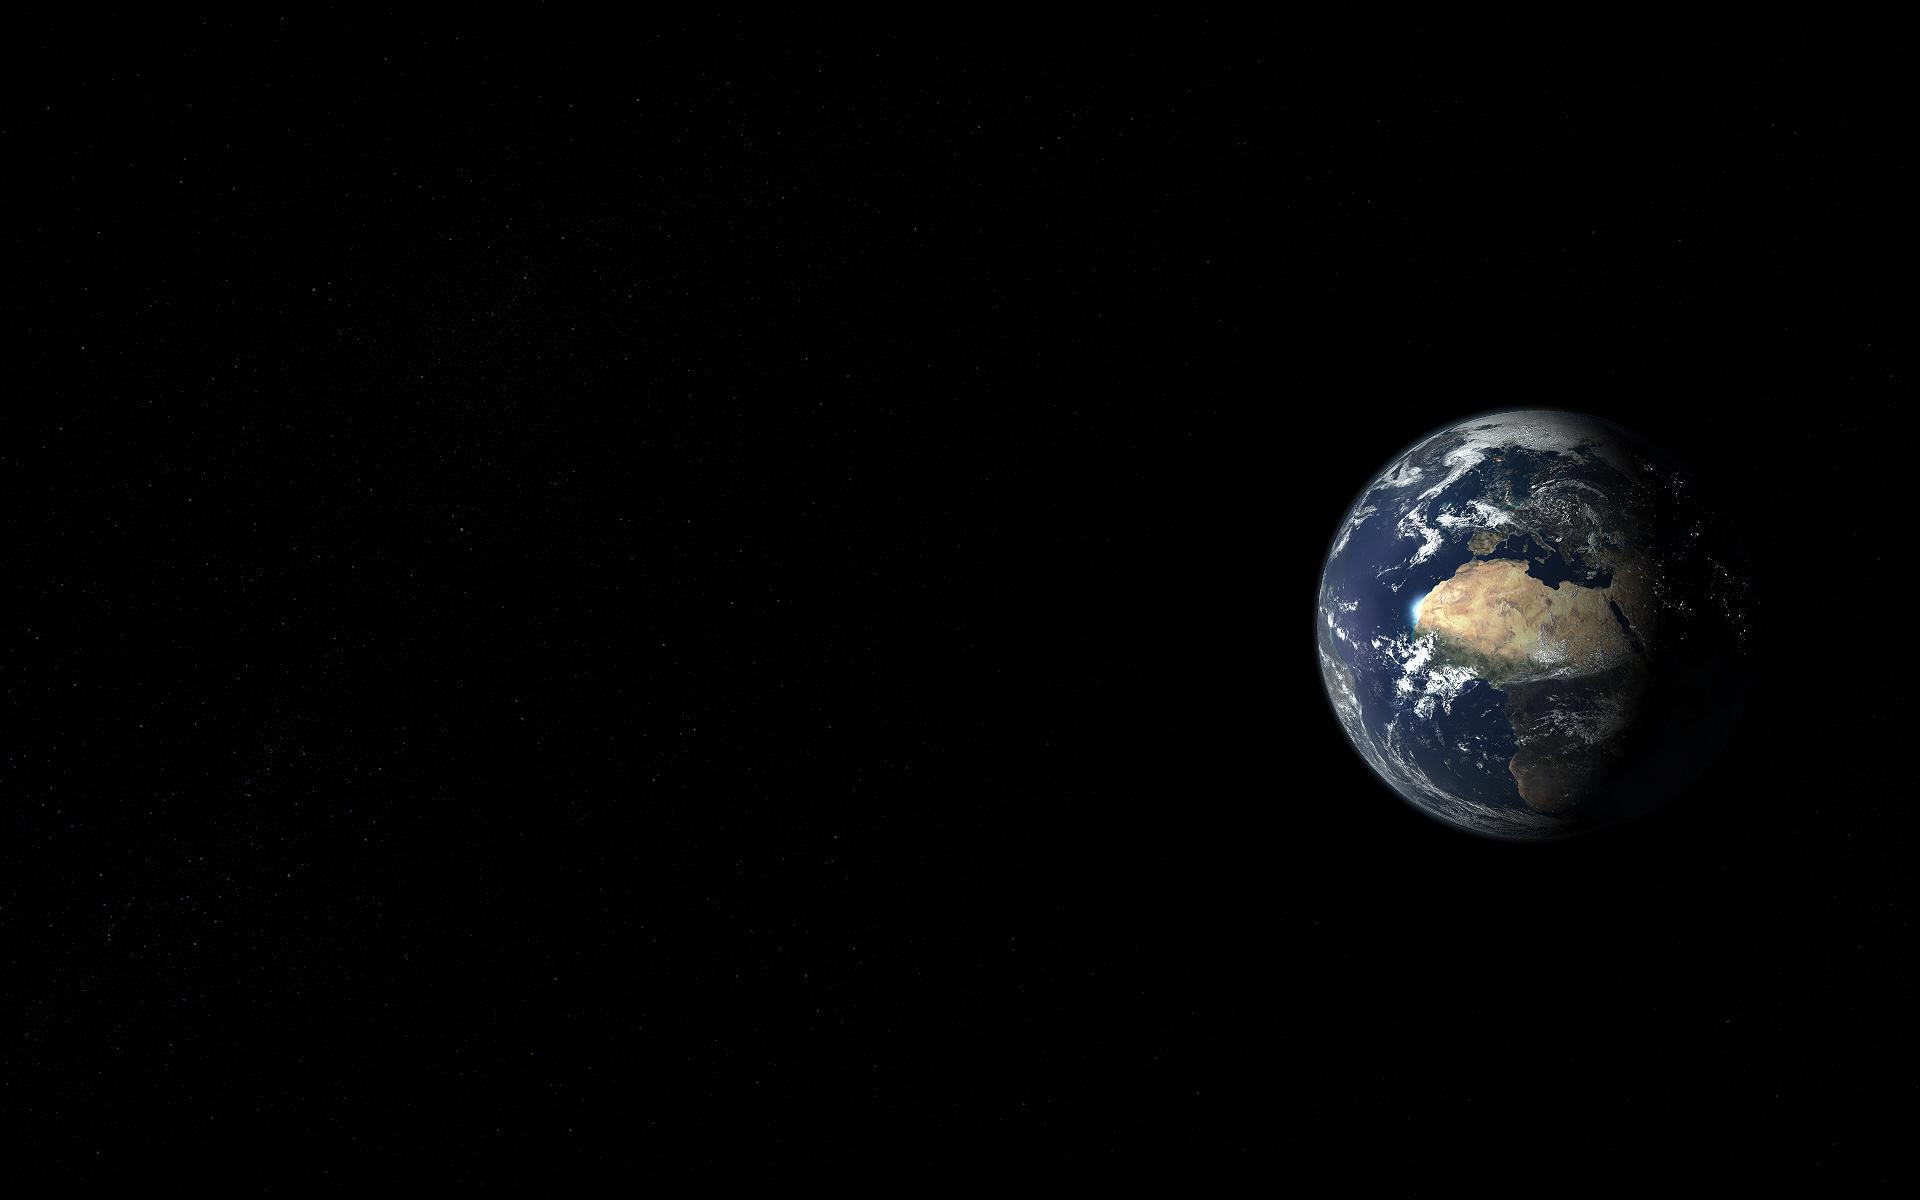 Космос земля планета вид пейзаж